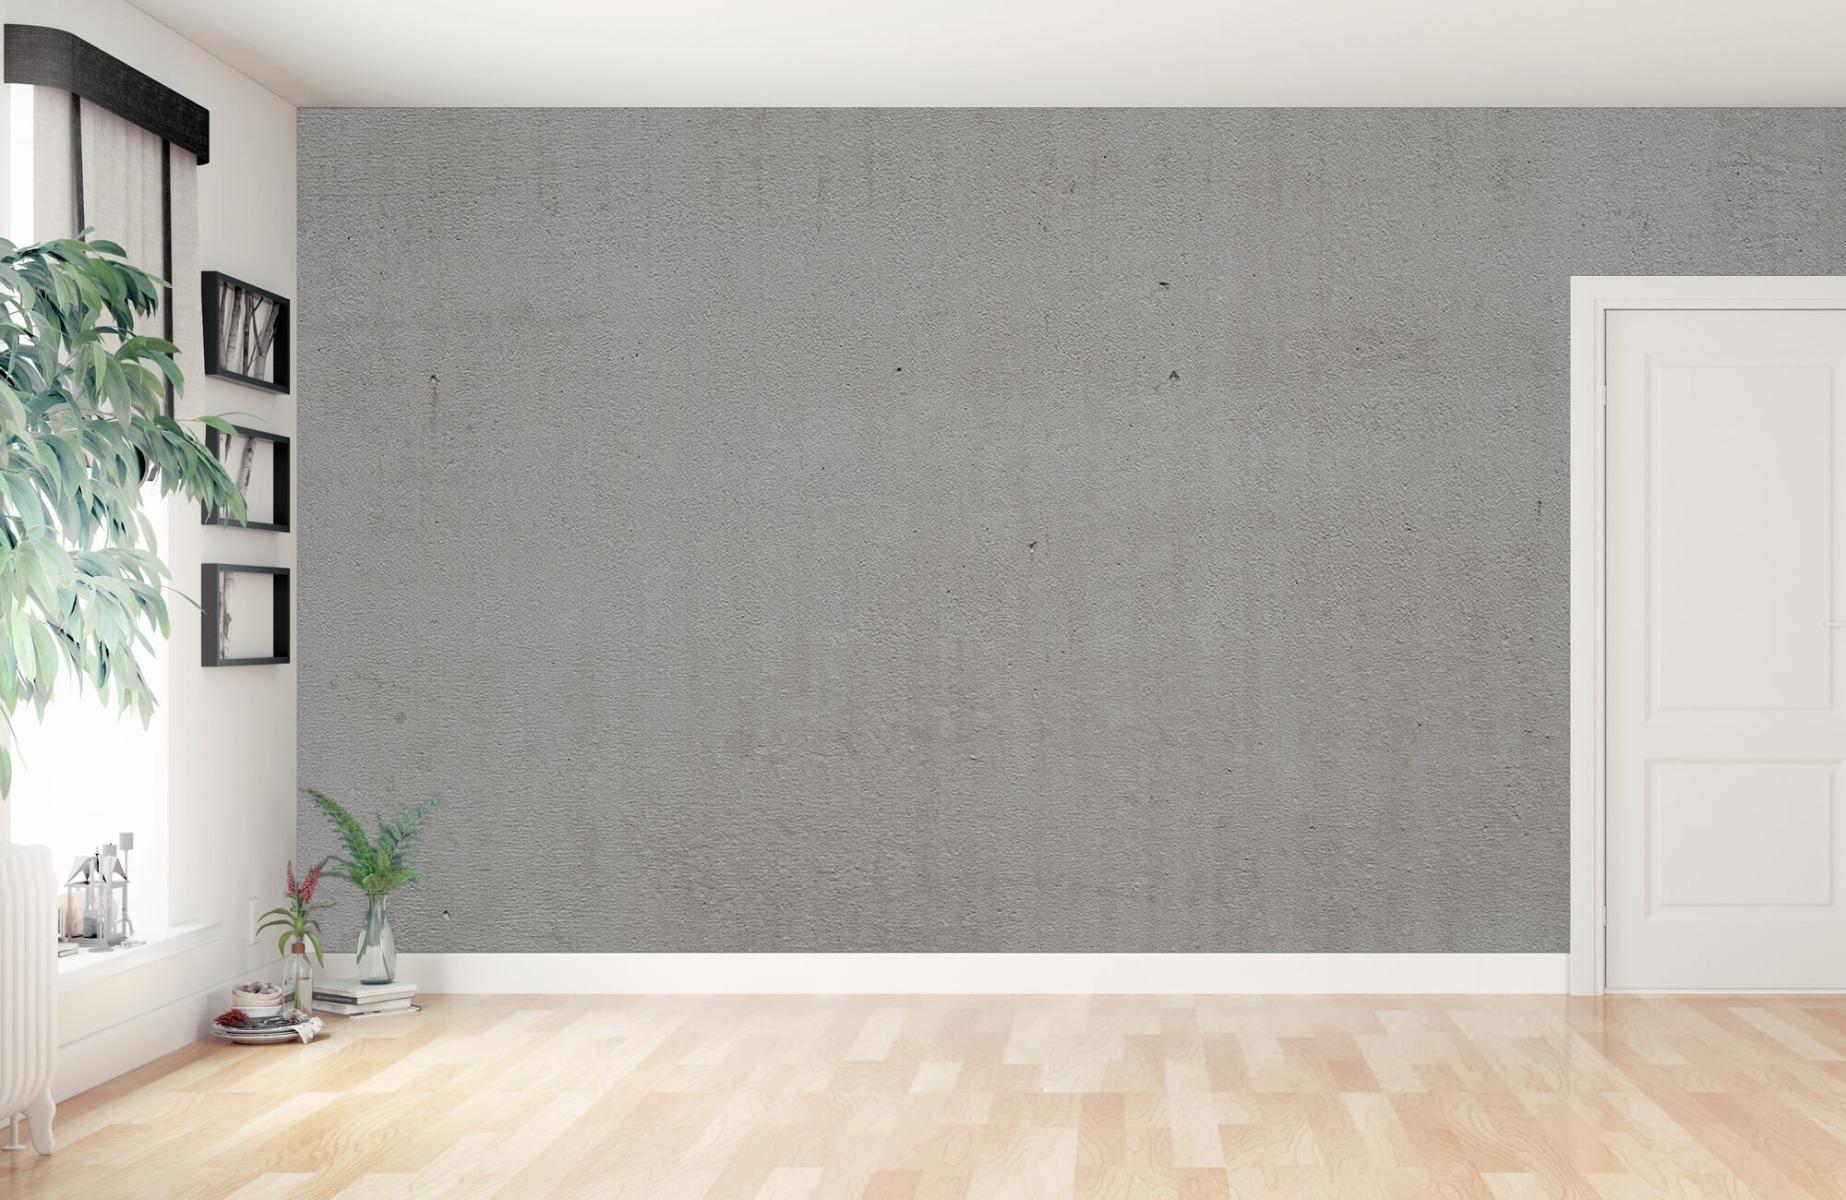 Betonlook behang - Grijs beton - Wallexclusive - Vergaderruimte 11